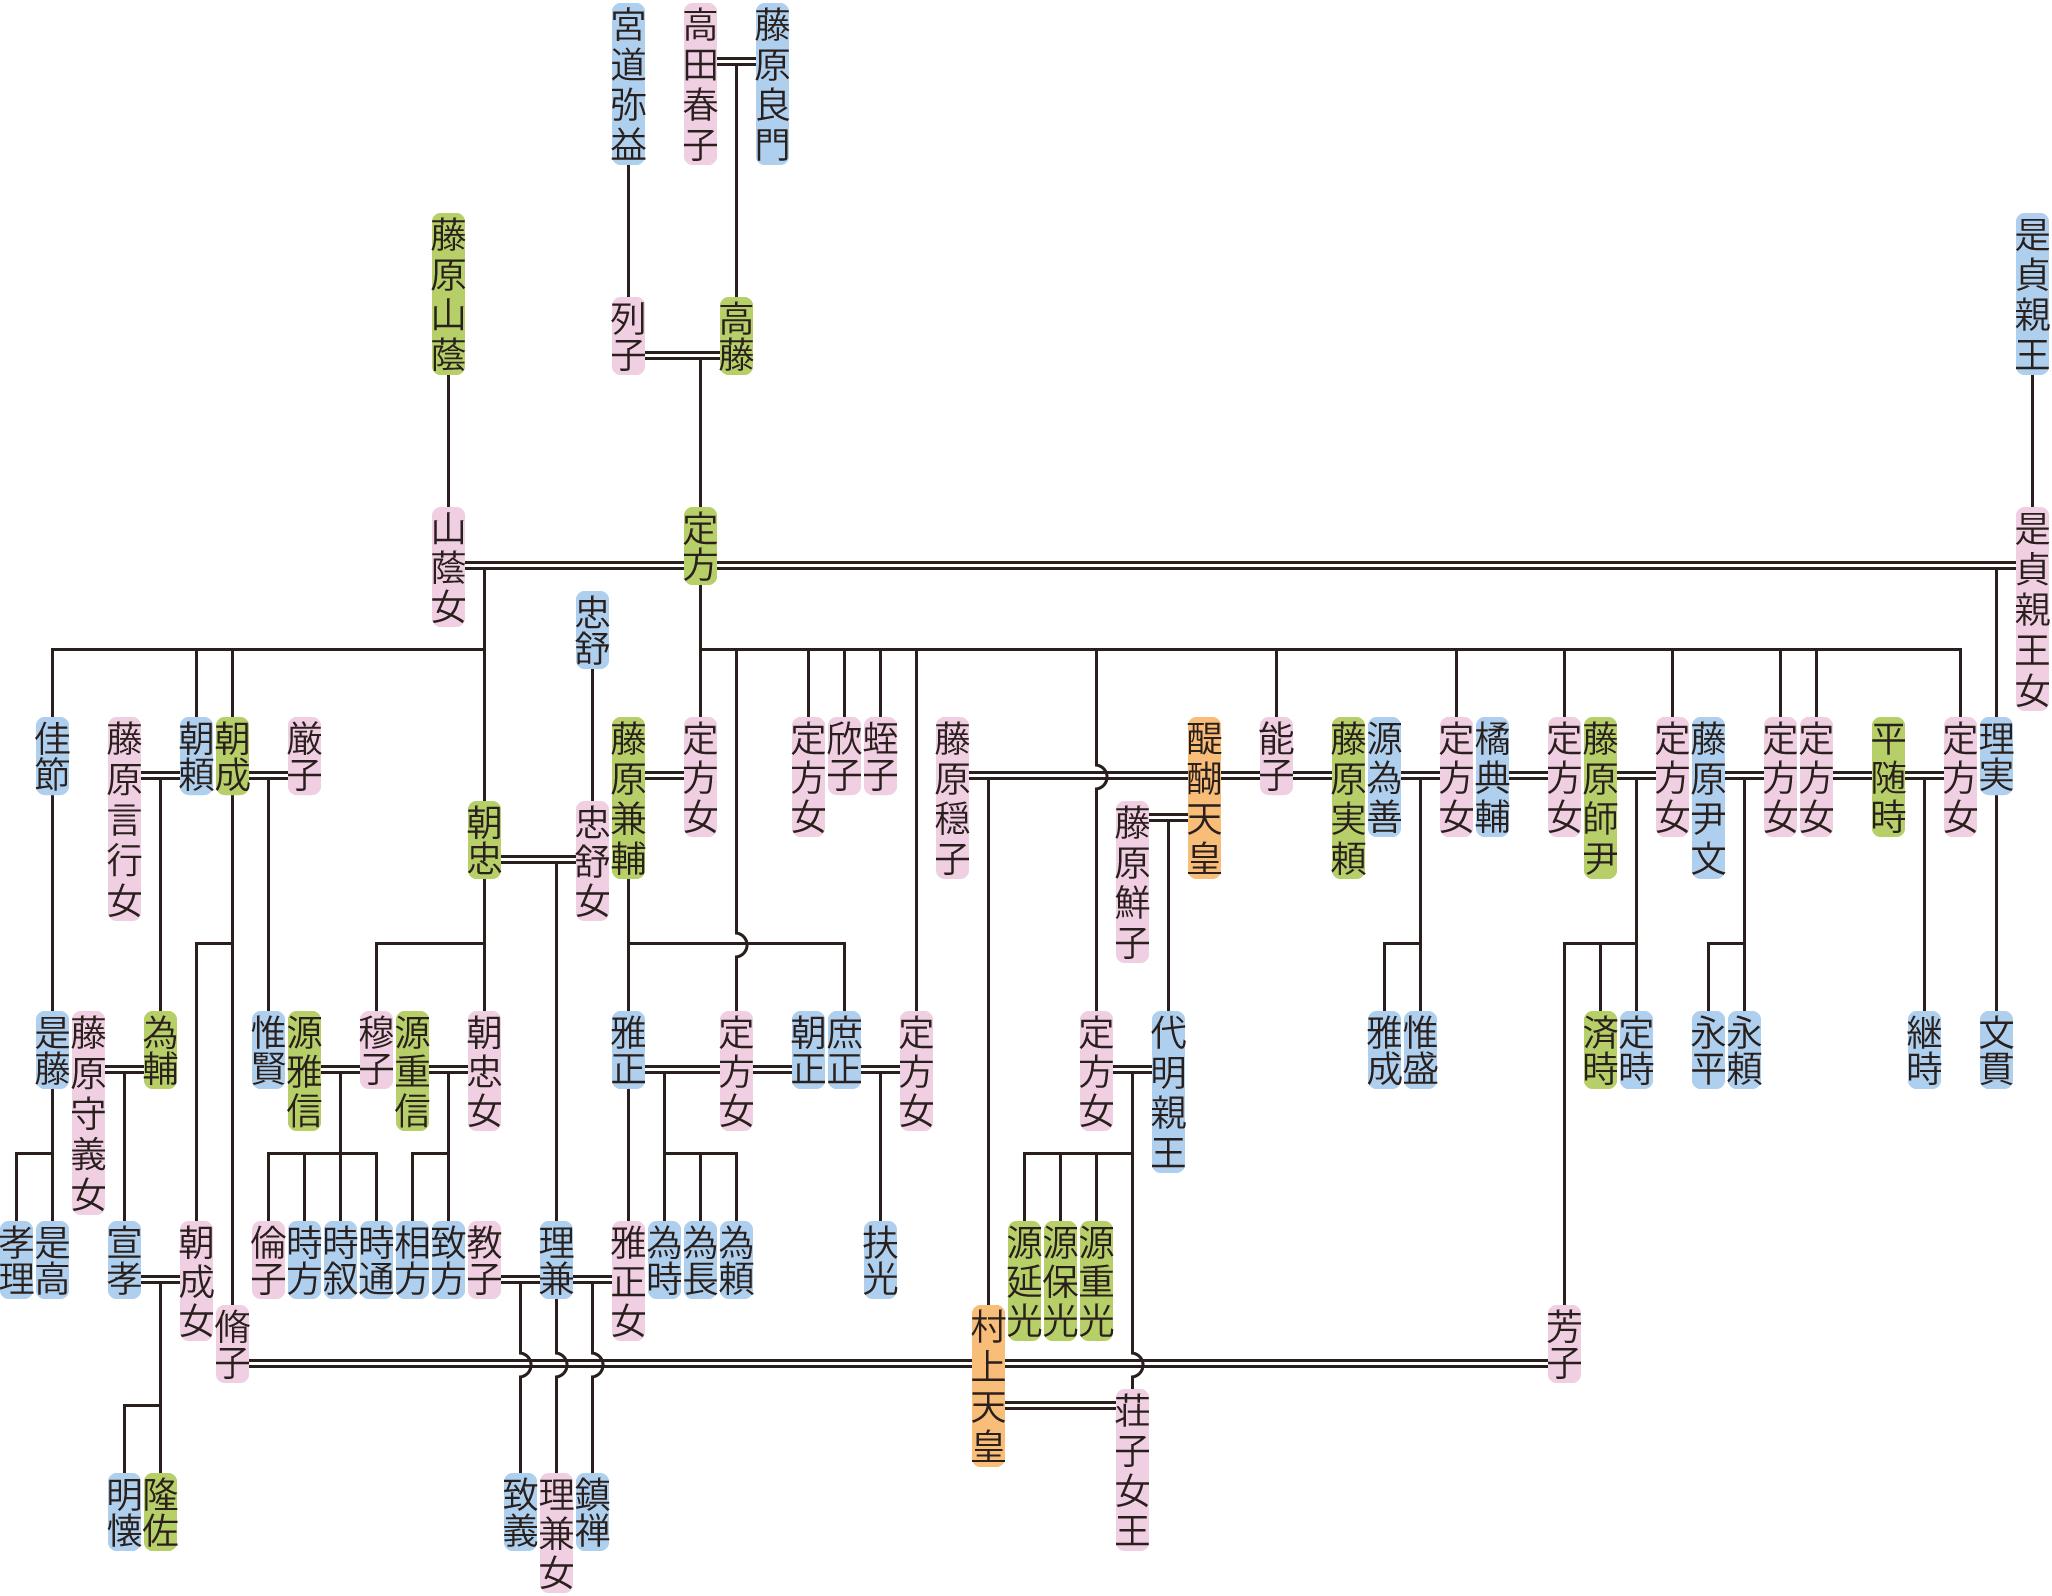 藤原定方の系図